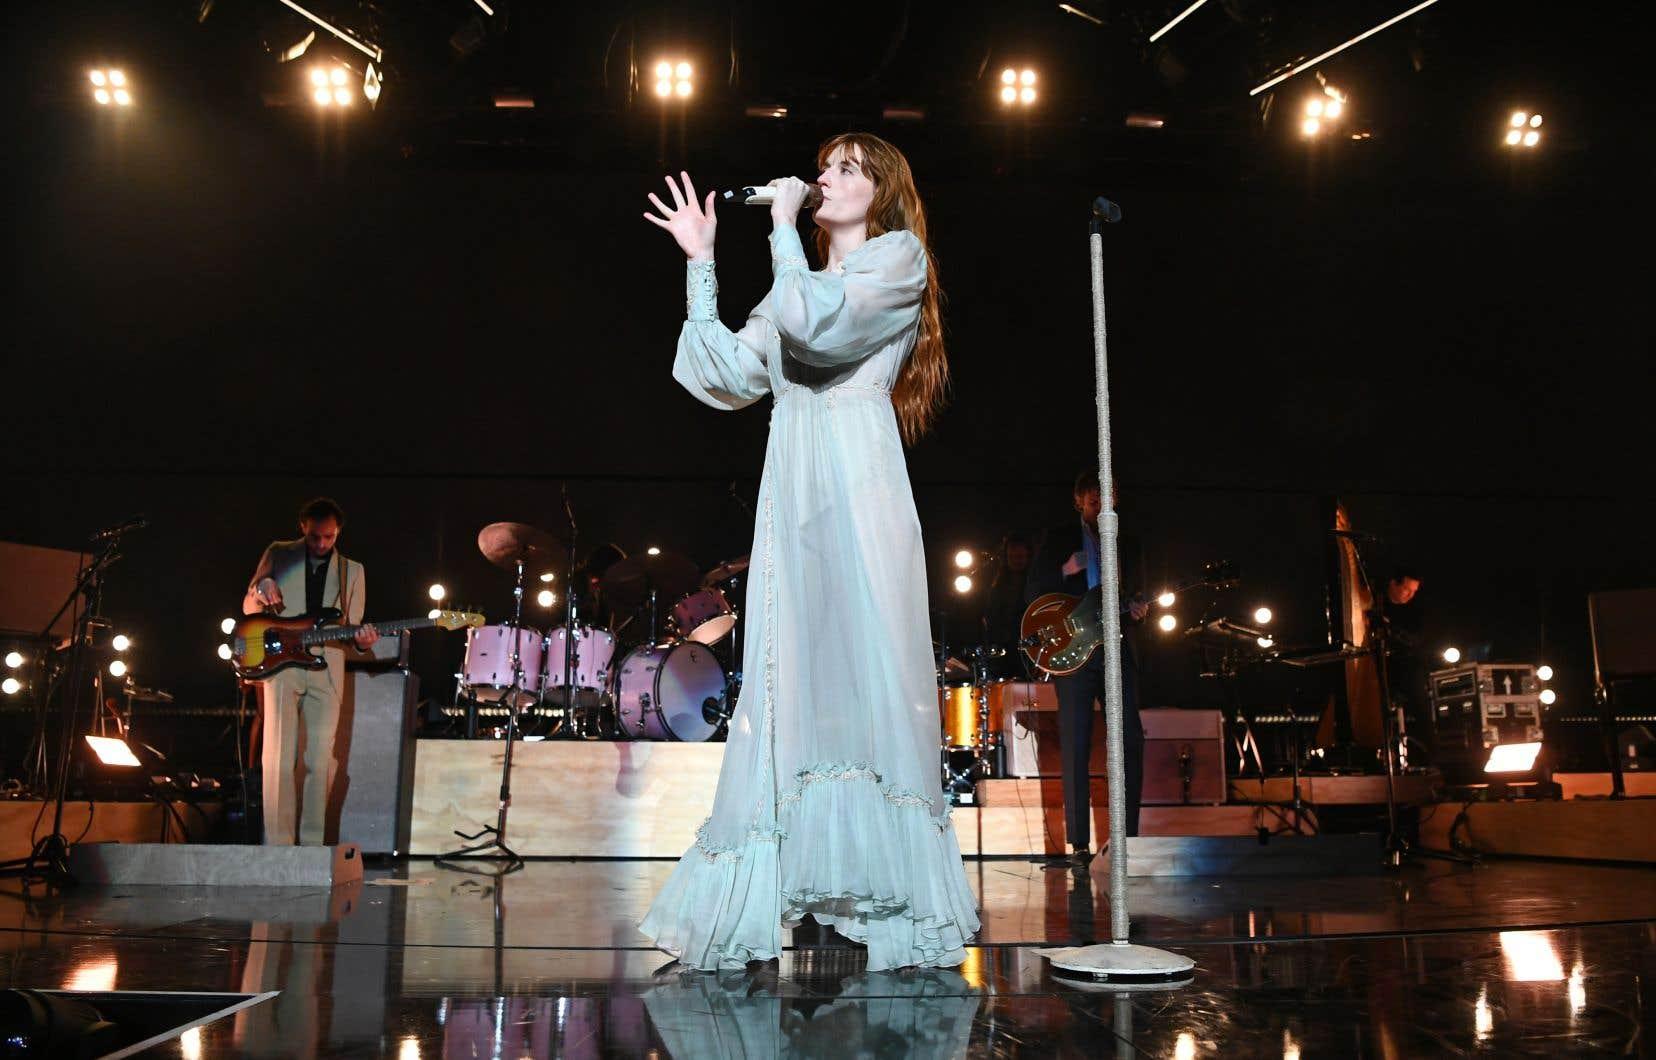 Quand Florence Welch descend au parterre et va chanter et danser tout près tout près des gens, devant les consoles, ce que l'on vit est absolument extraordinaire; une proximité événementielle.